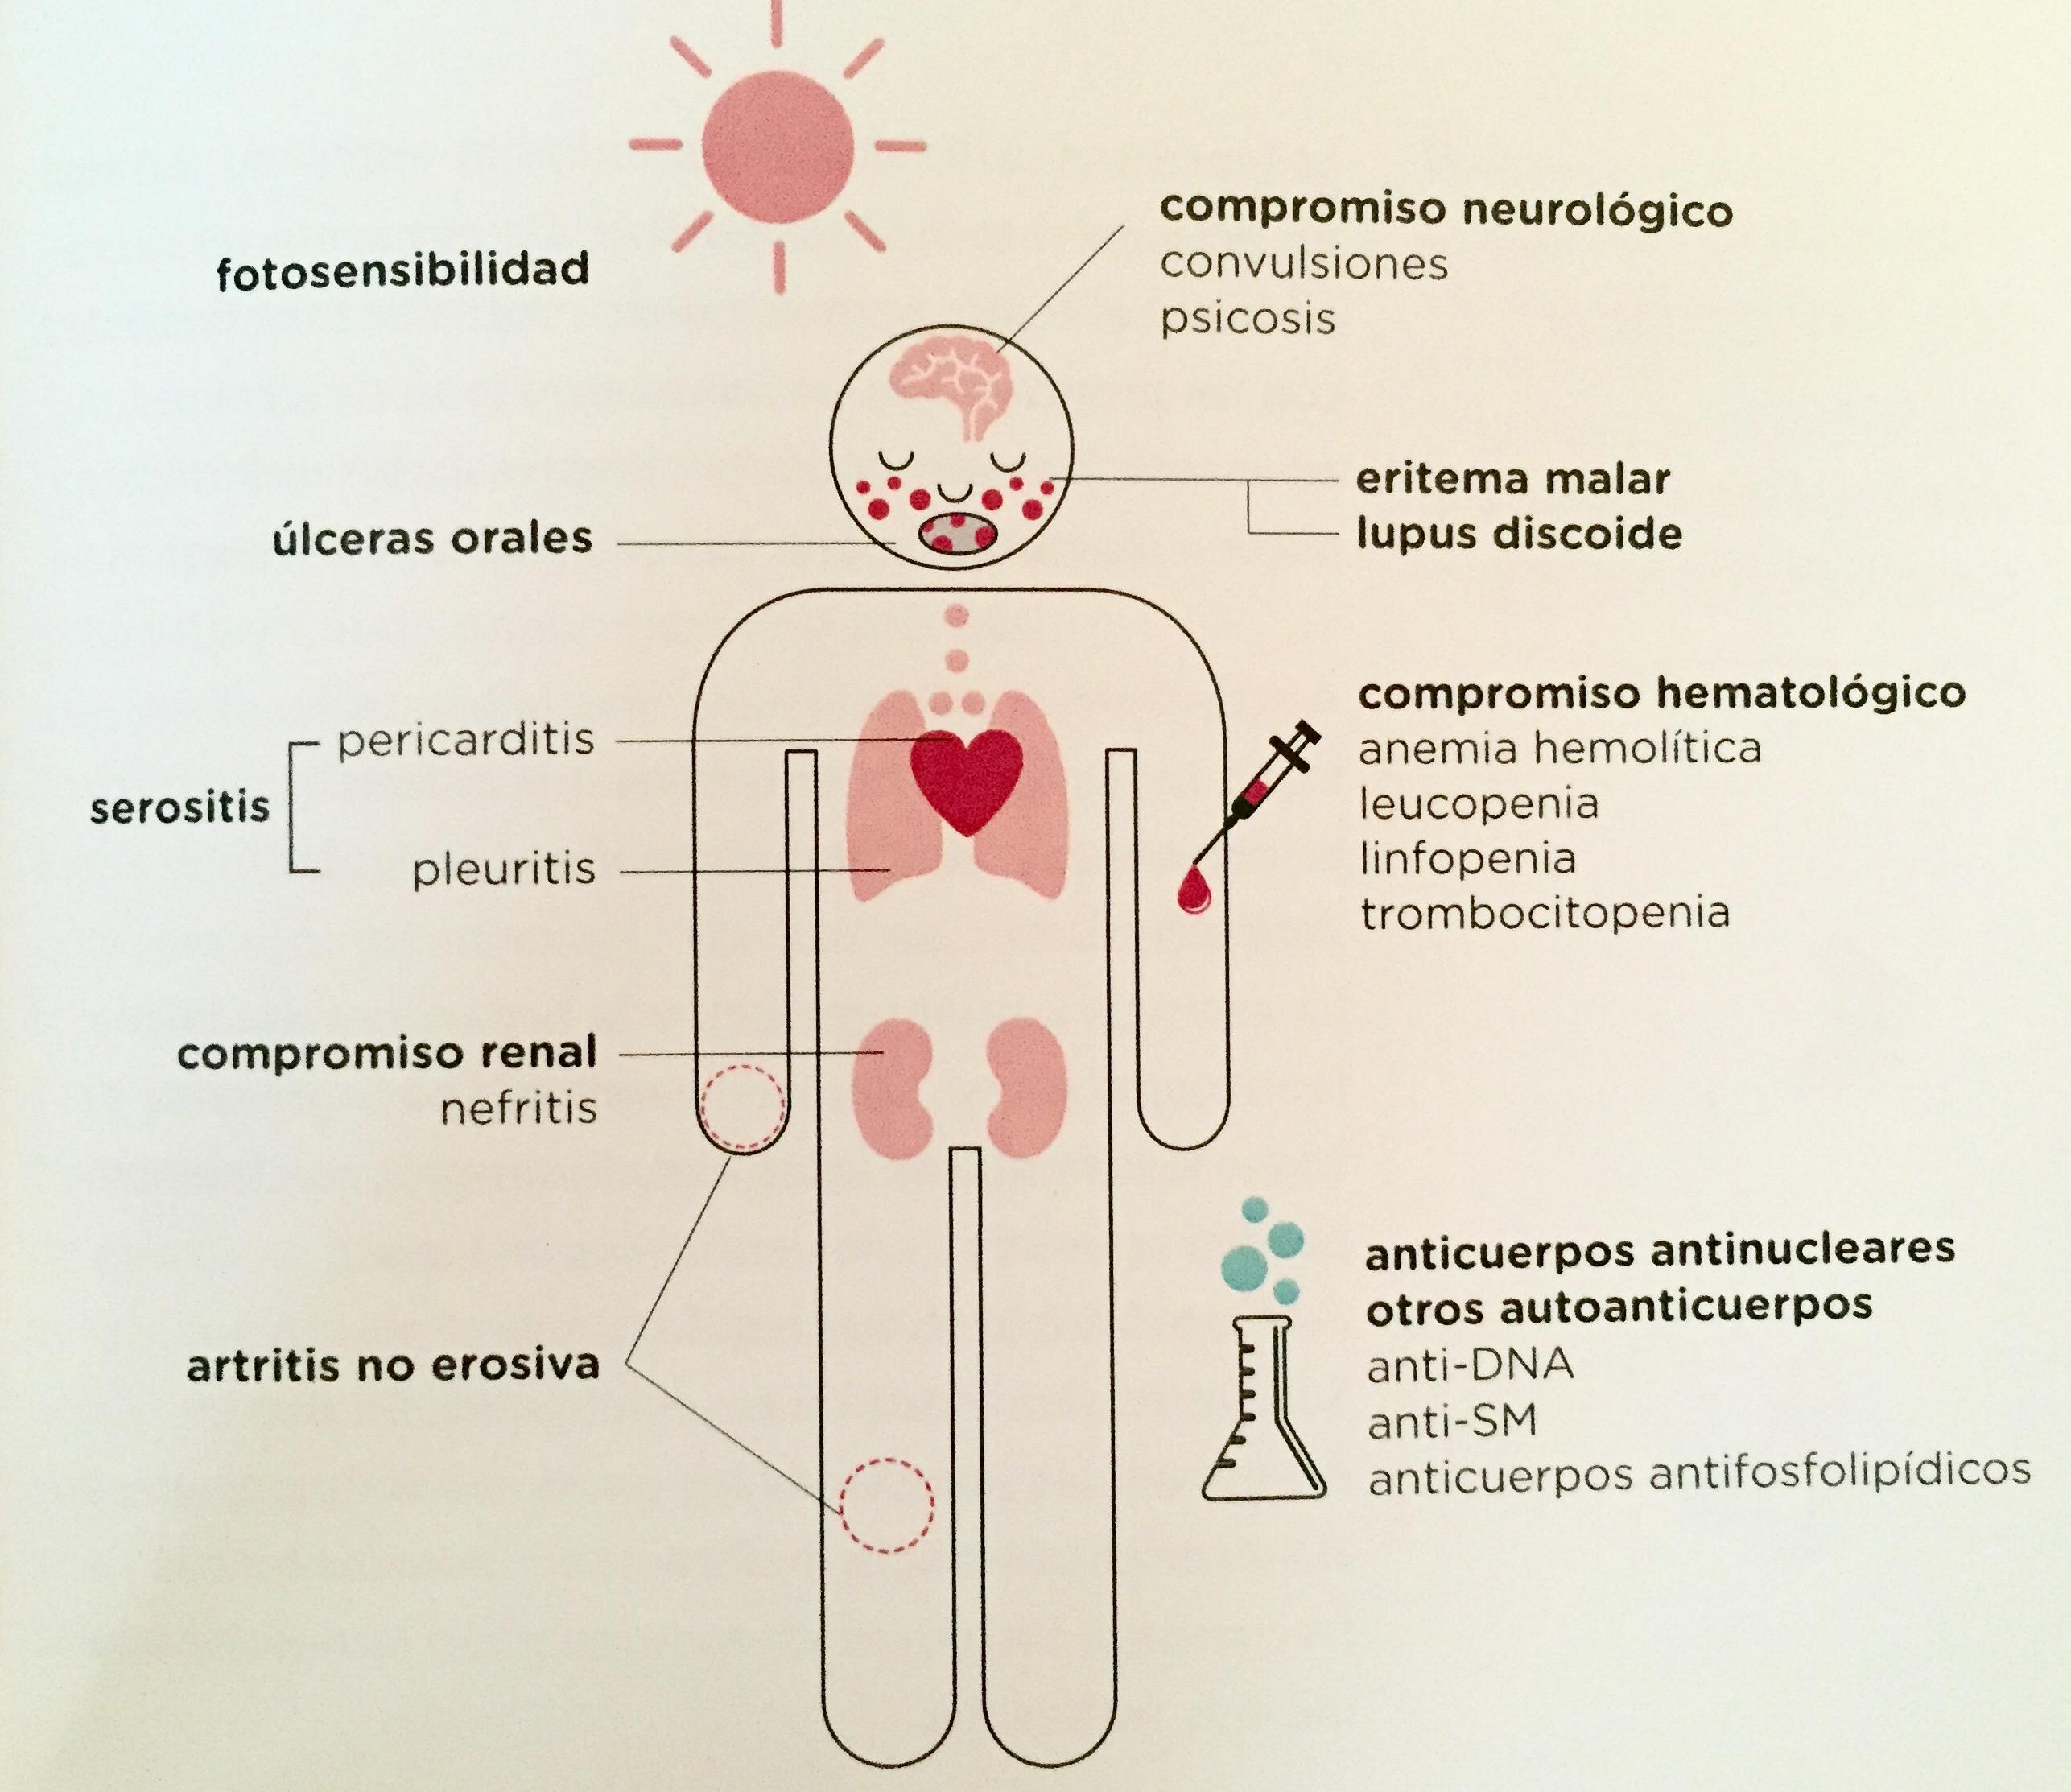 criterios diagnostico lupus